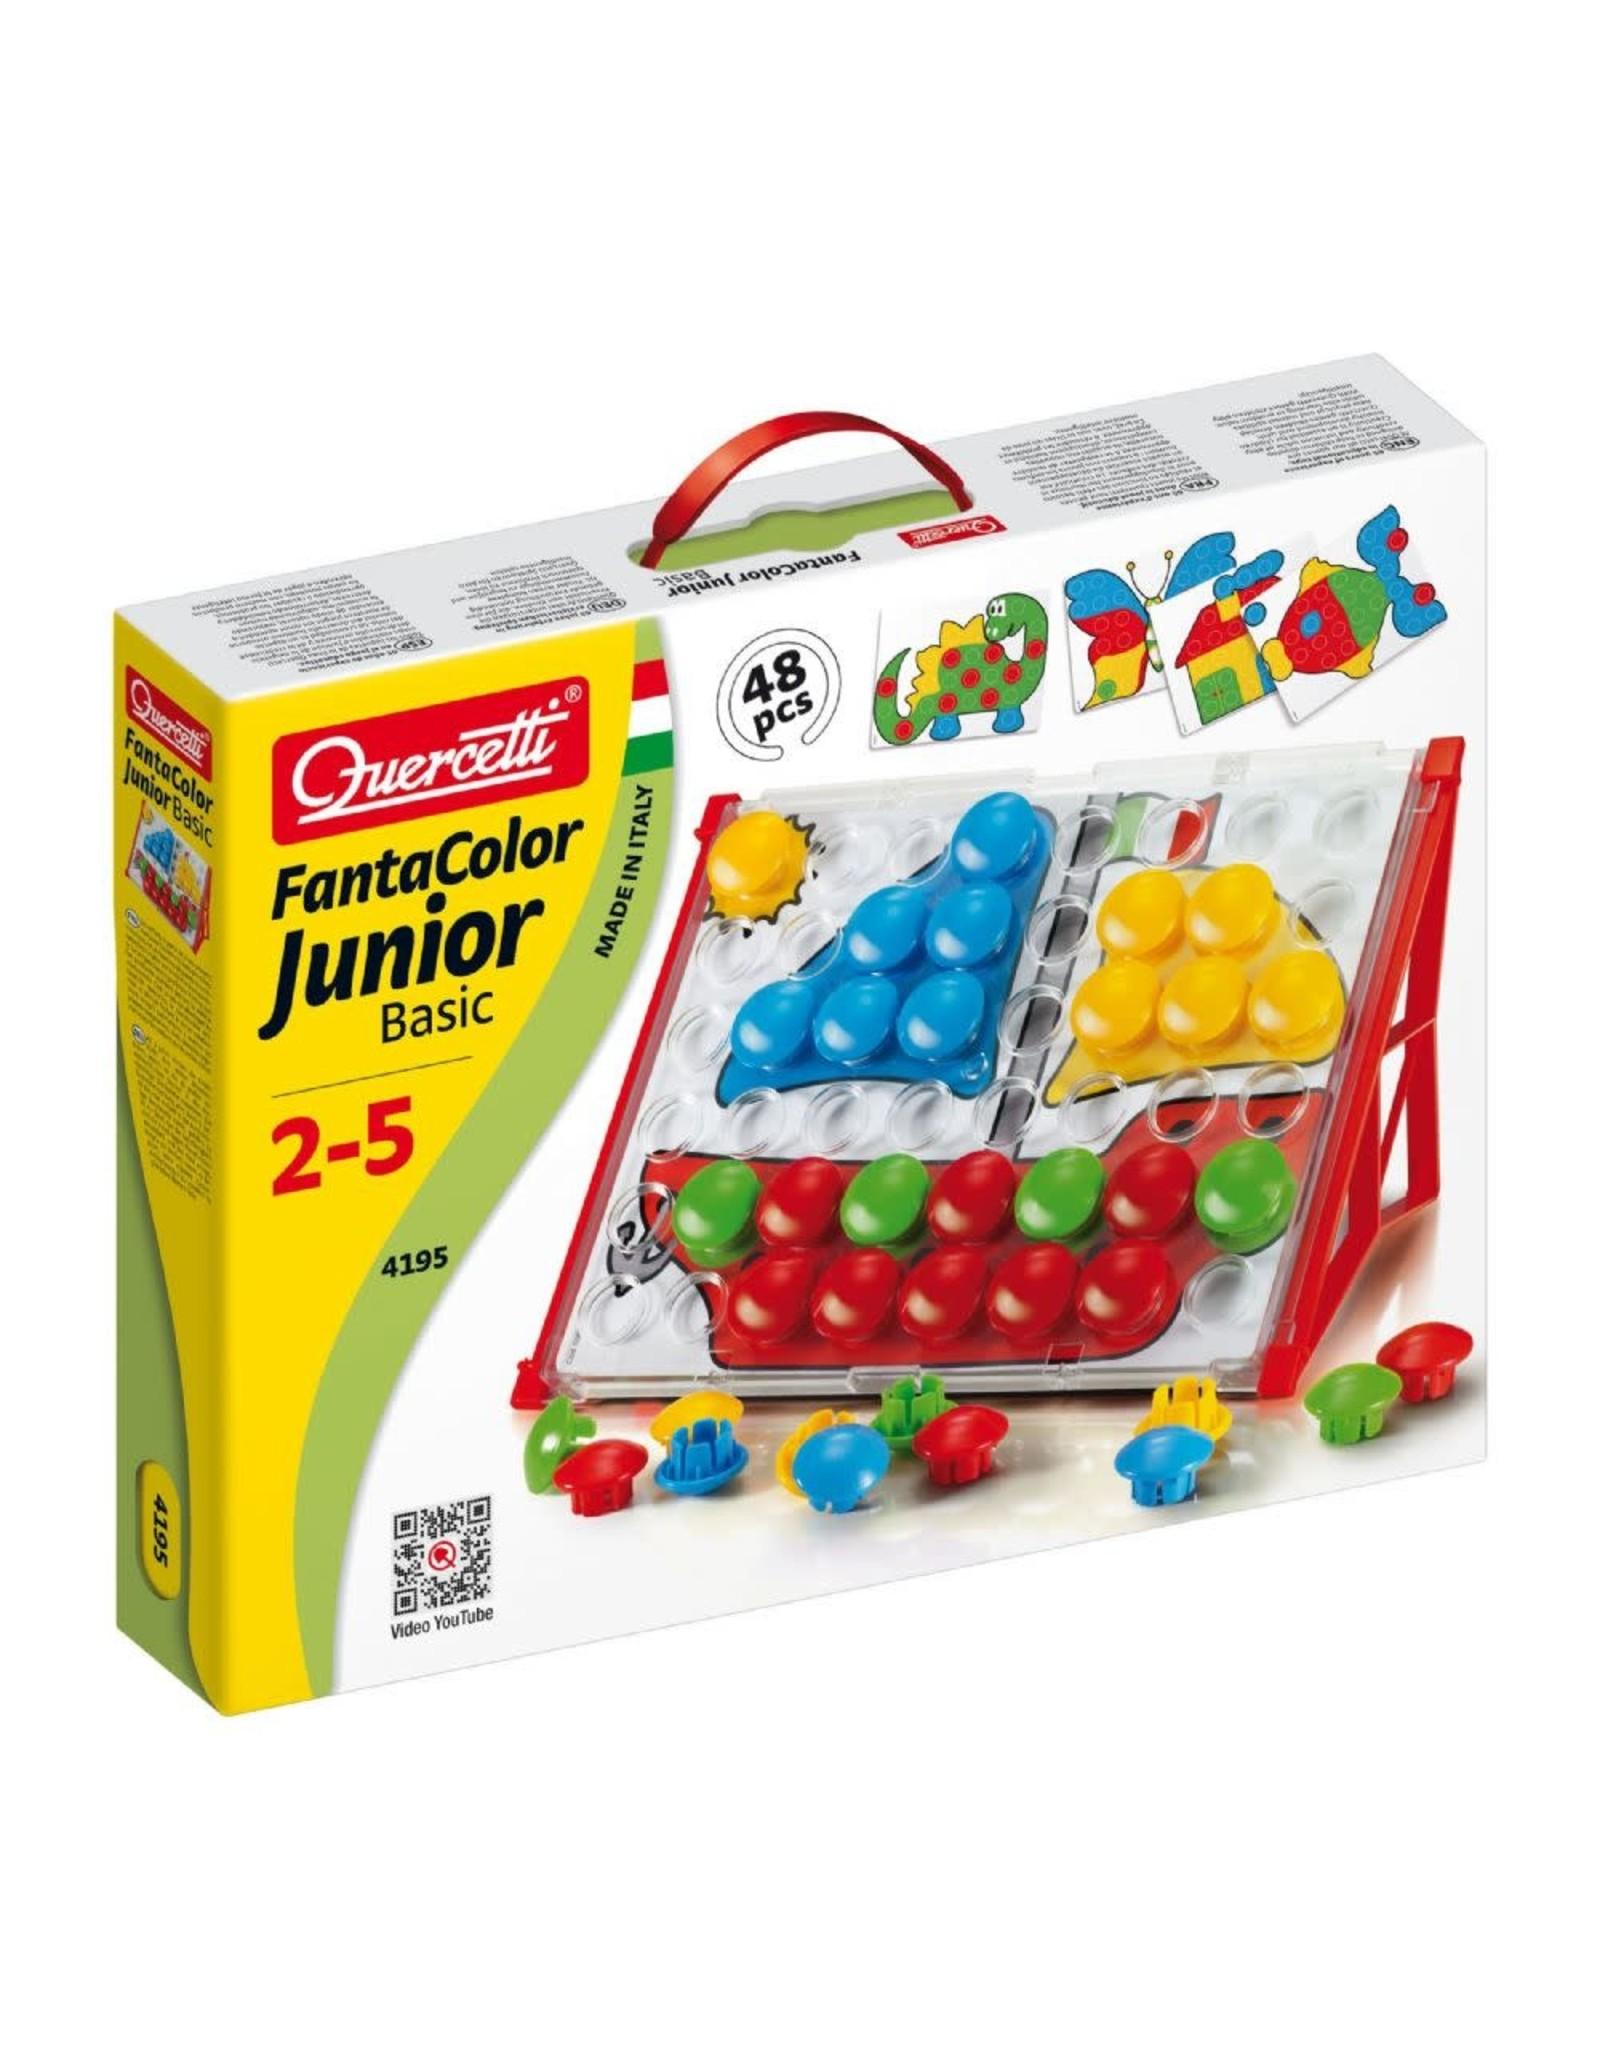 Quercetti Fantacolor Junior Basic